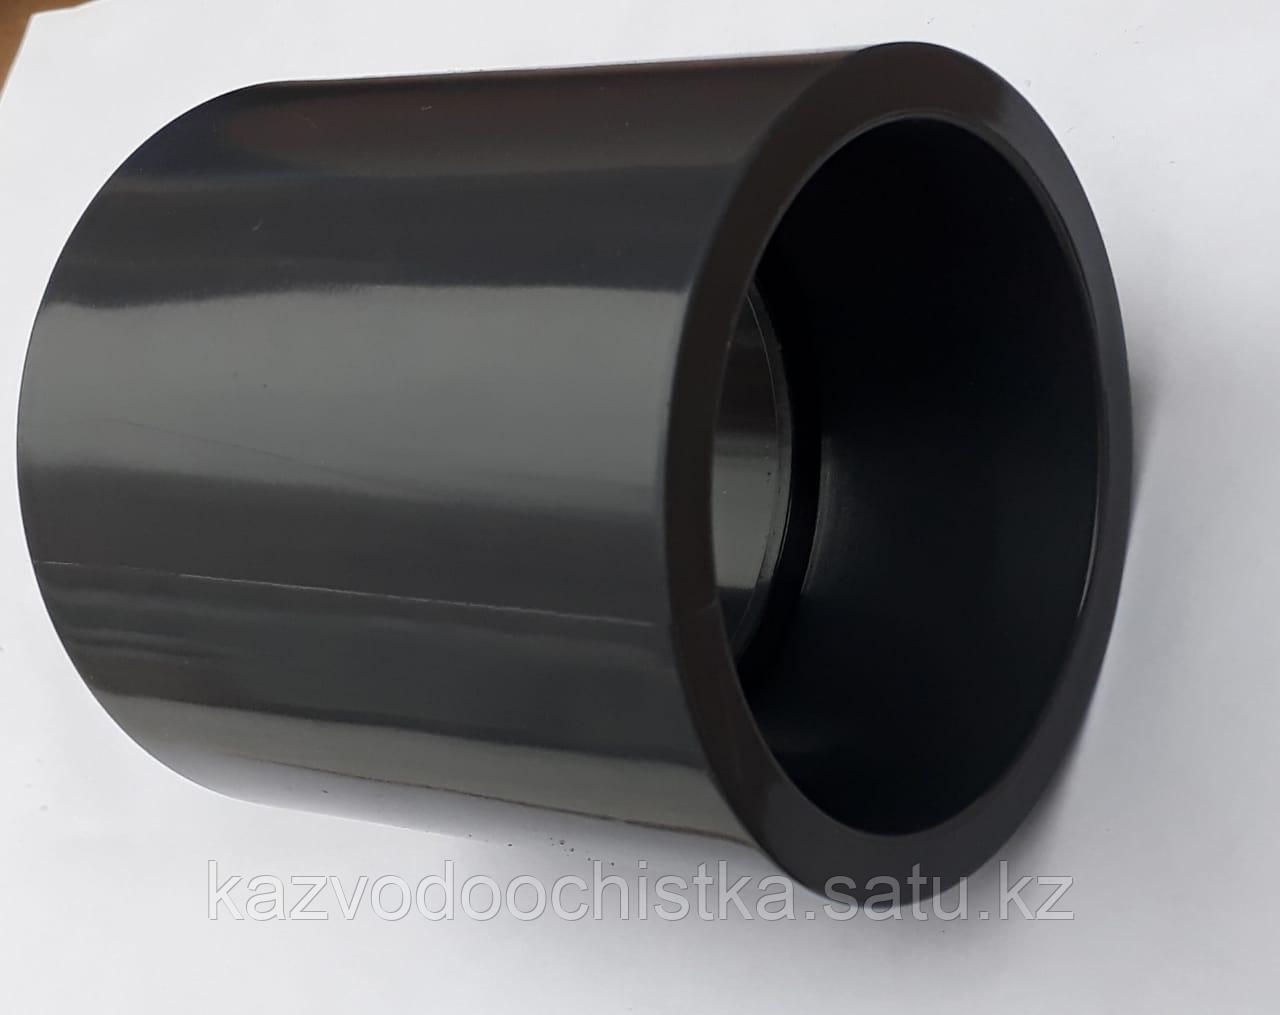 ПВХ Муфта неразъемная  (COUPLING) 20 мм.